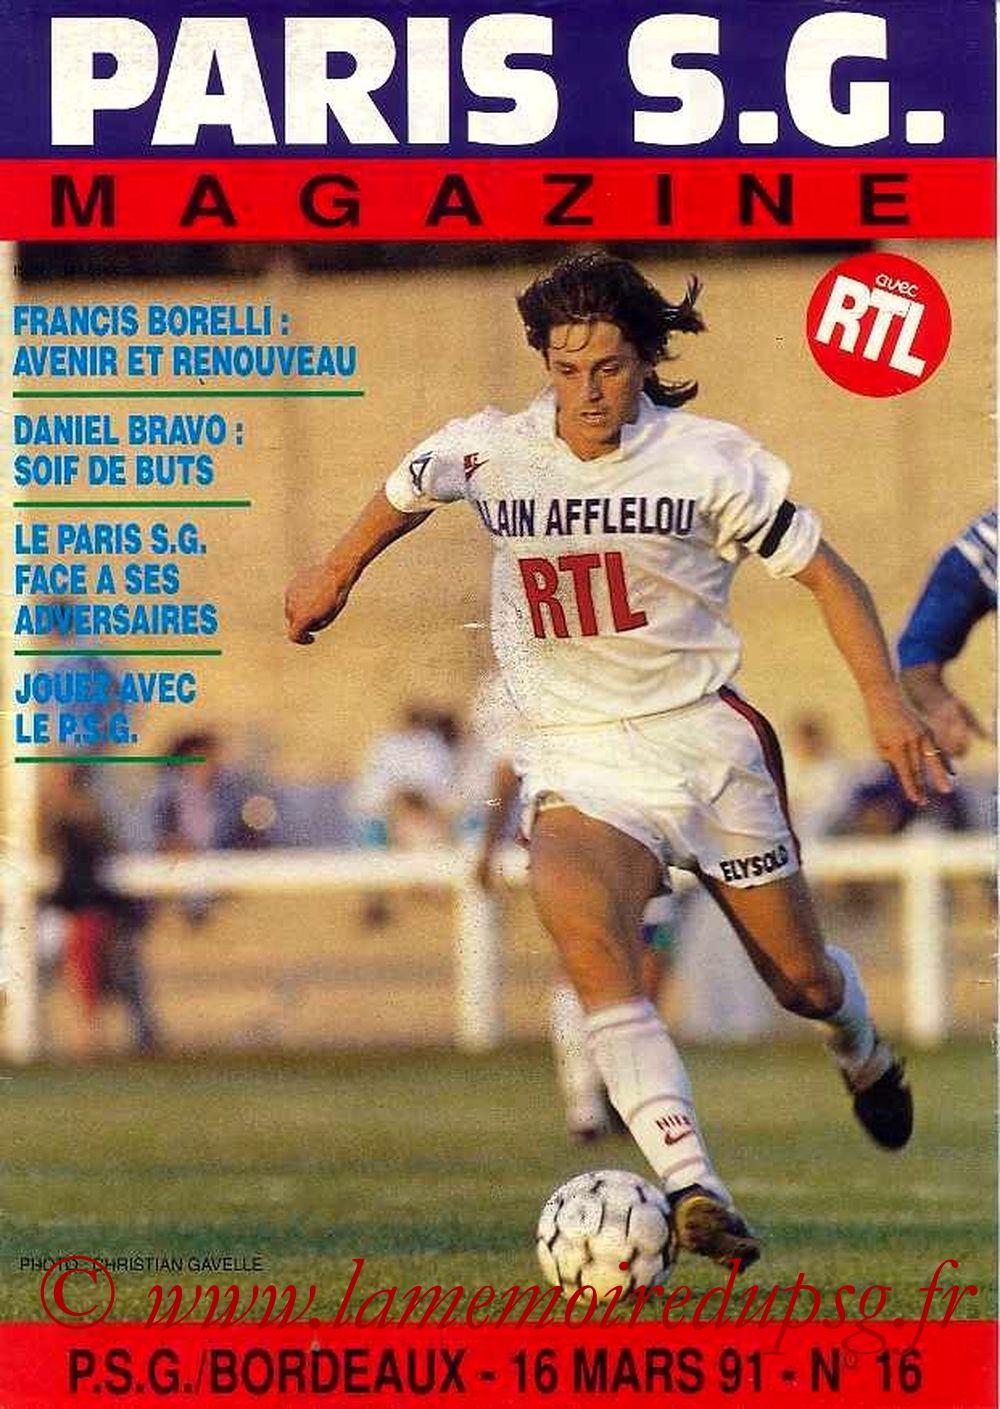 1991-03-16  PSG-Bordeaux (30ème D1, Paris SG Magazine N°16)